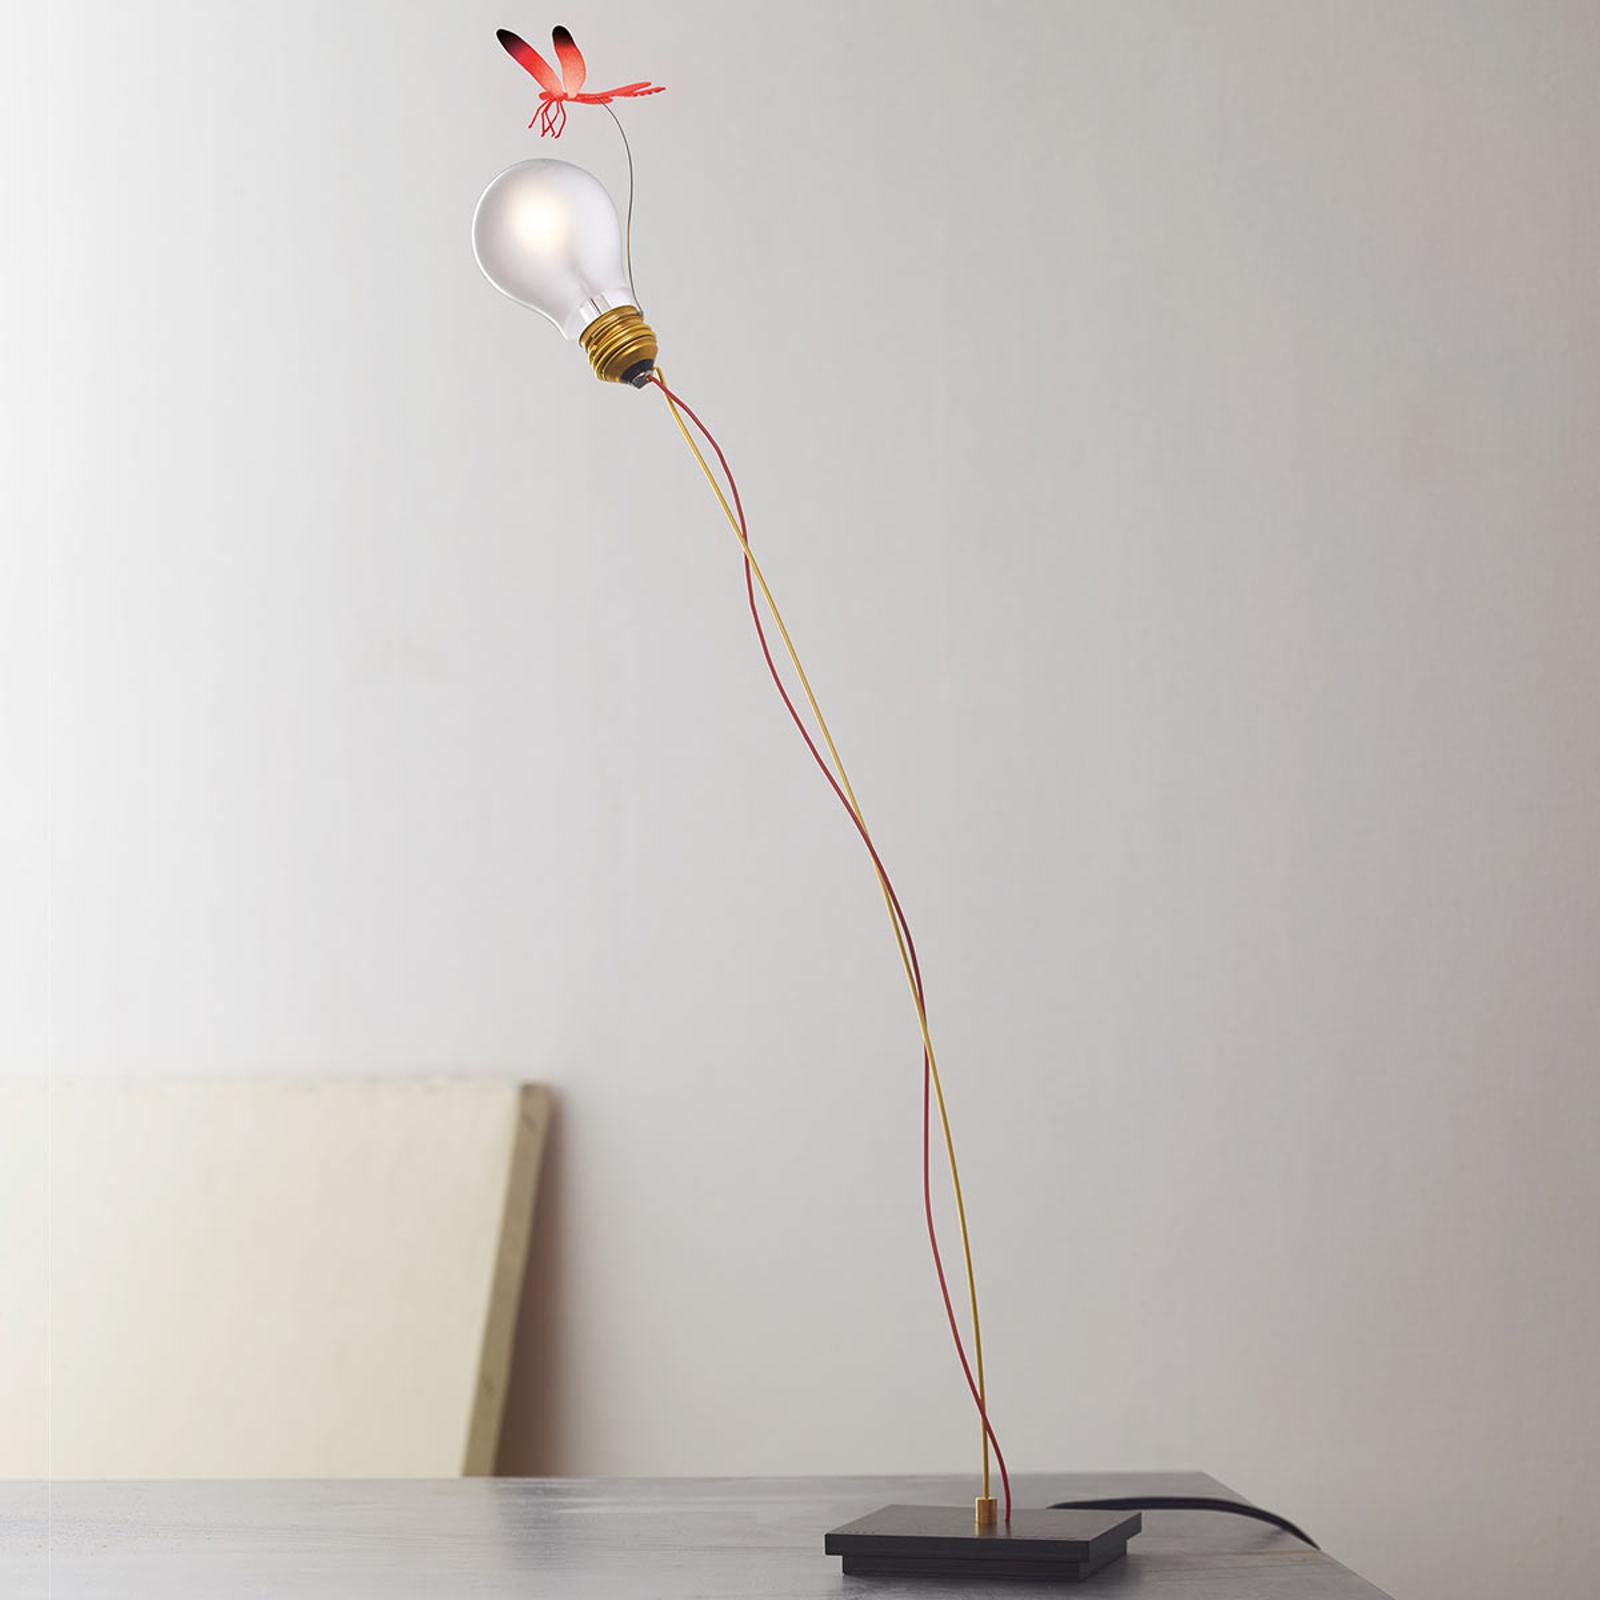 Lampa stołowa I Ricchi Poveri Bzzzz - ważka